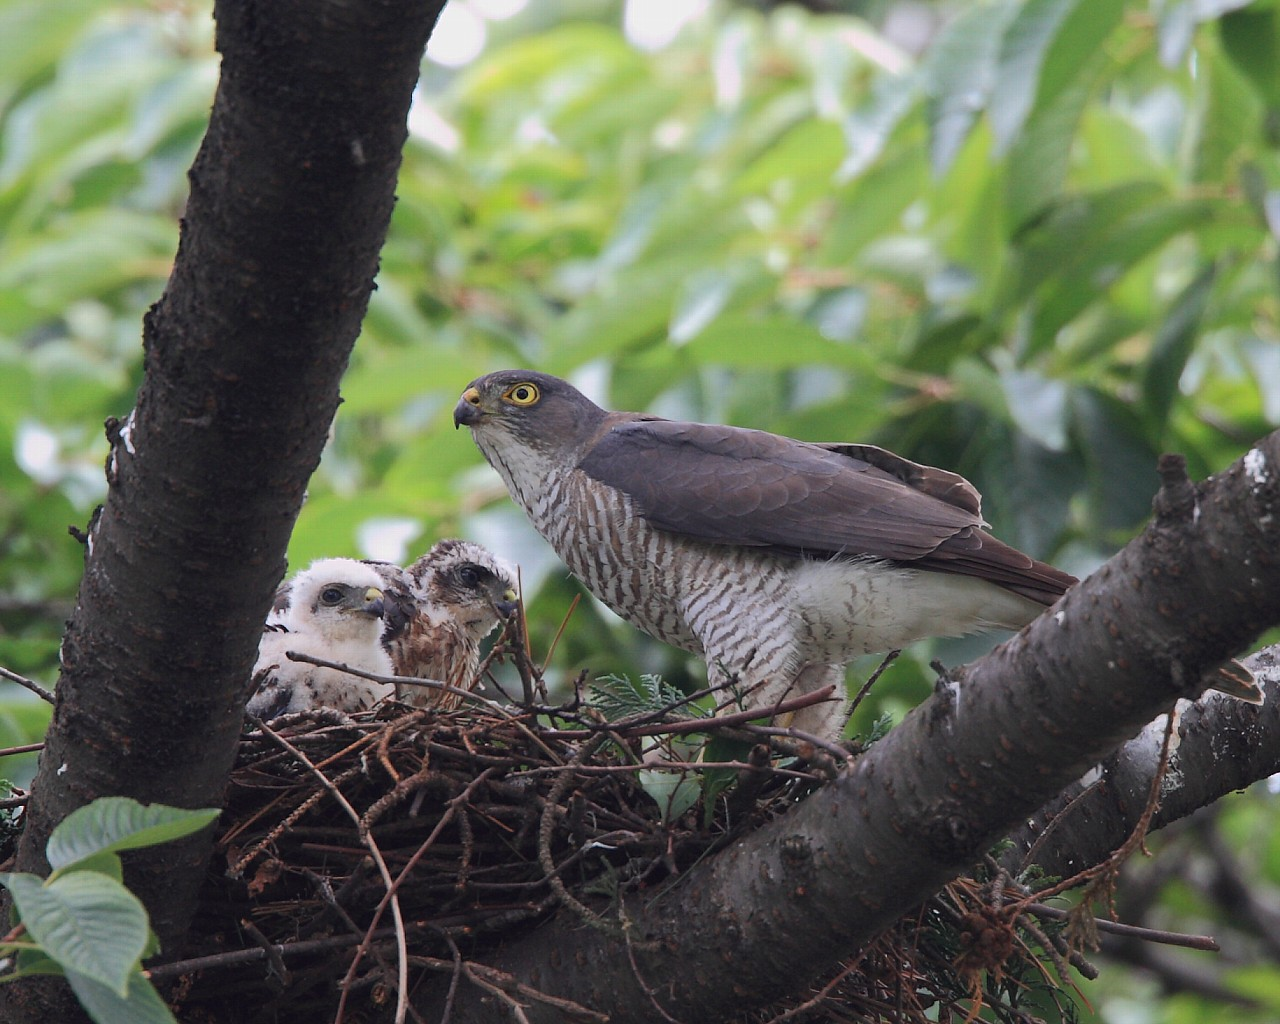 今朝のテレビでツミの繁殖を放送、鳥くんも出演_f0105570_20504326.jpg